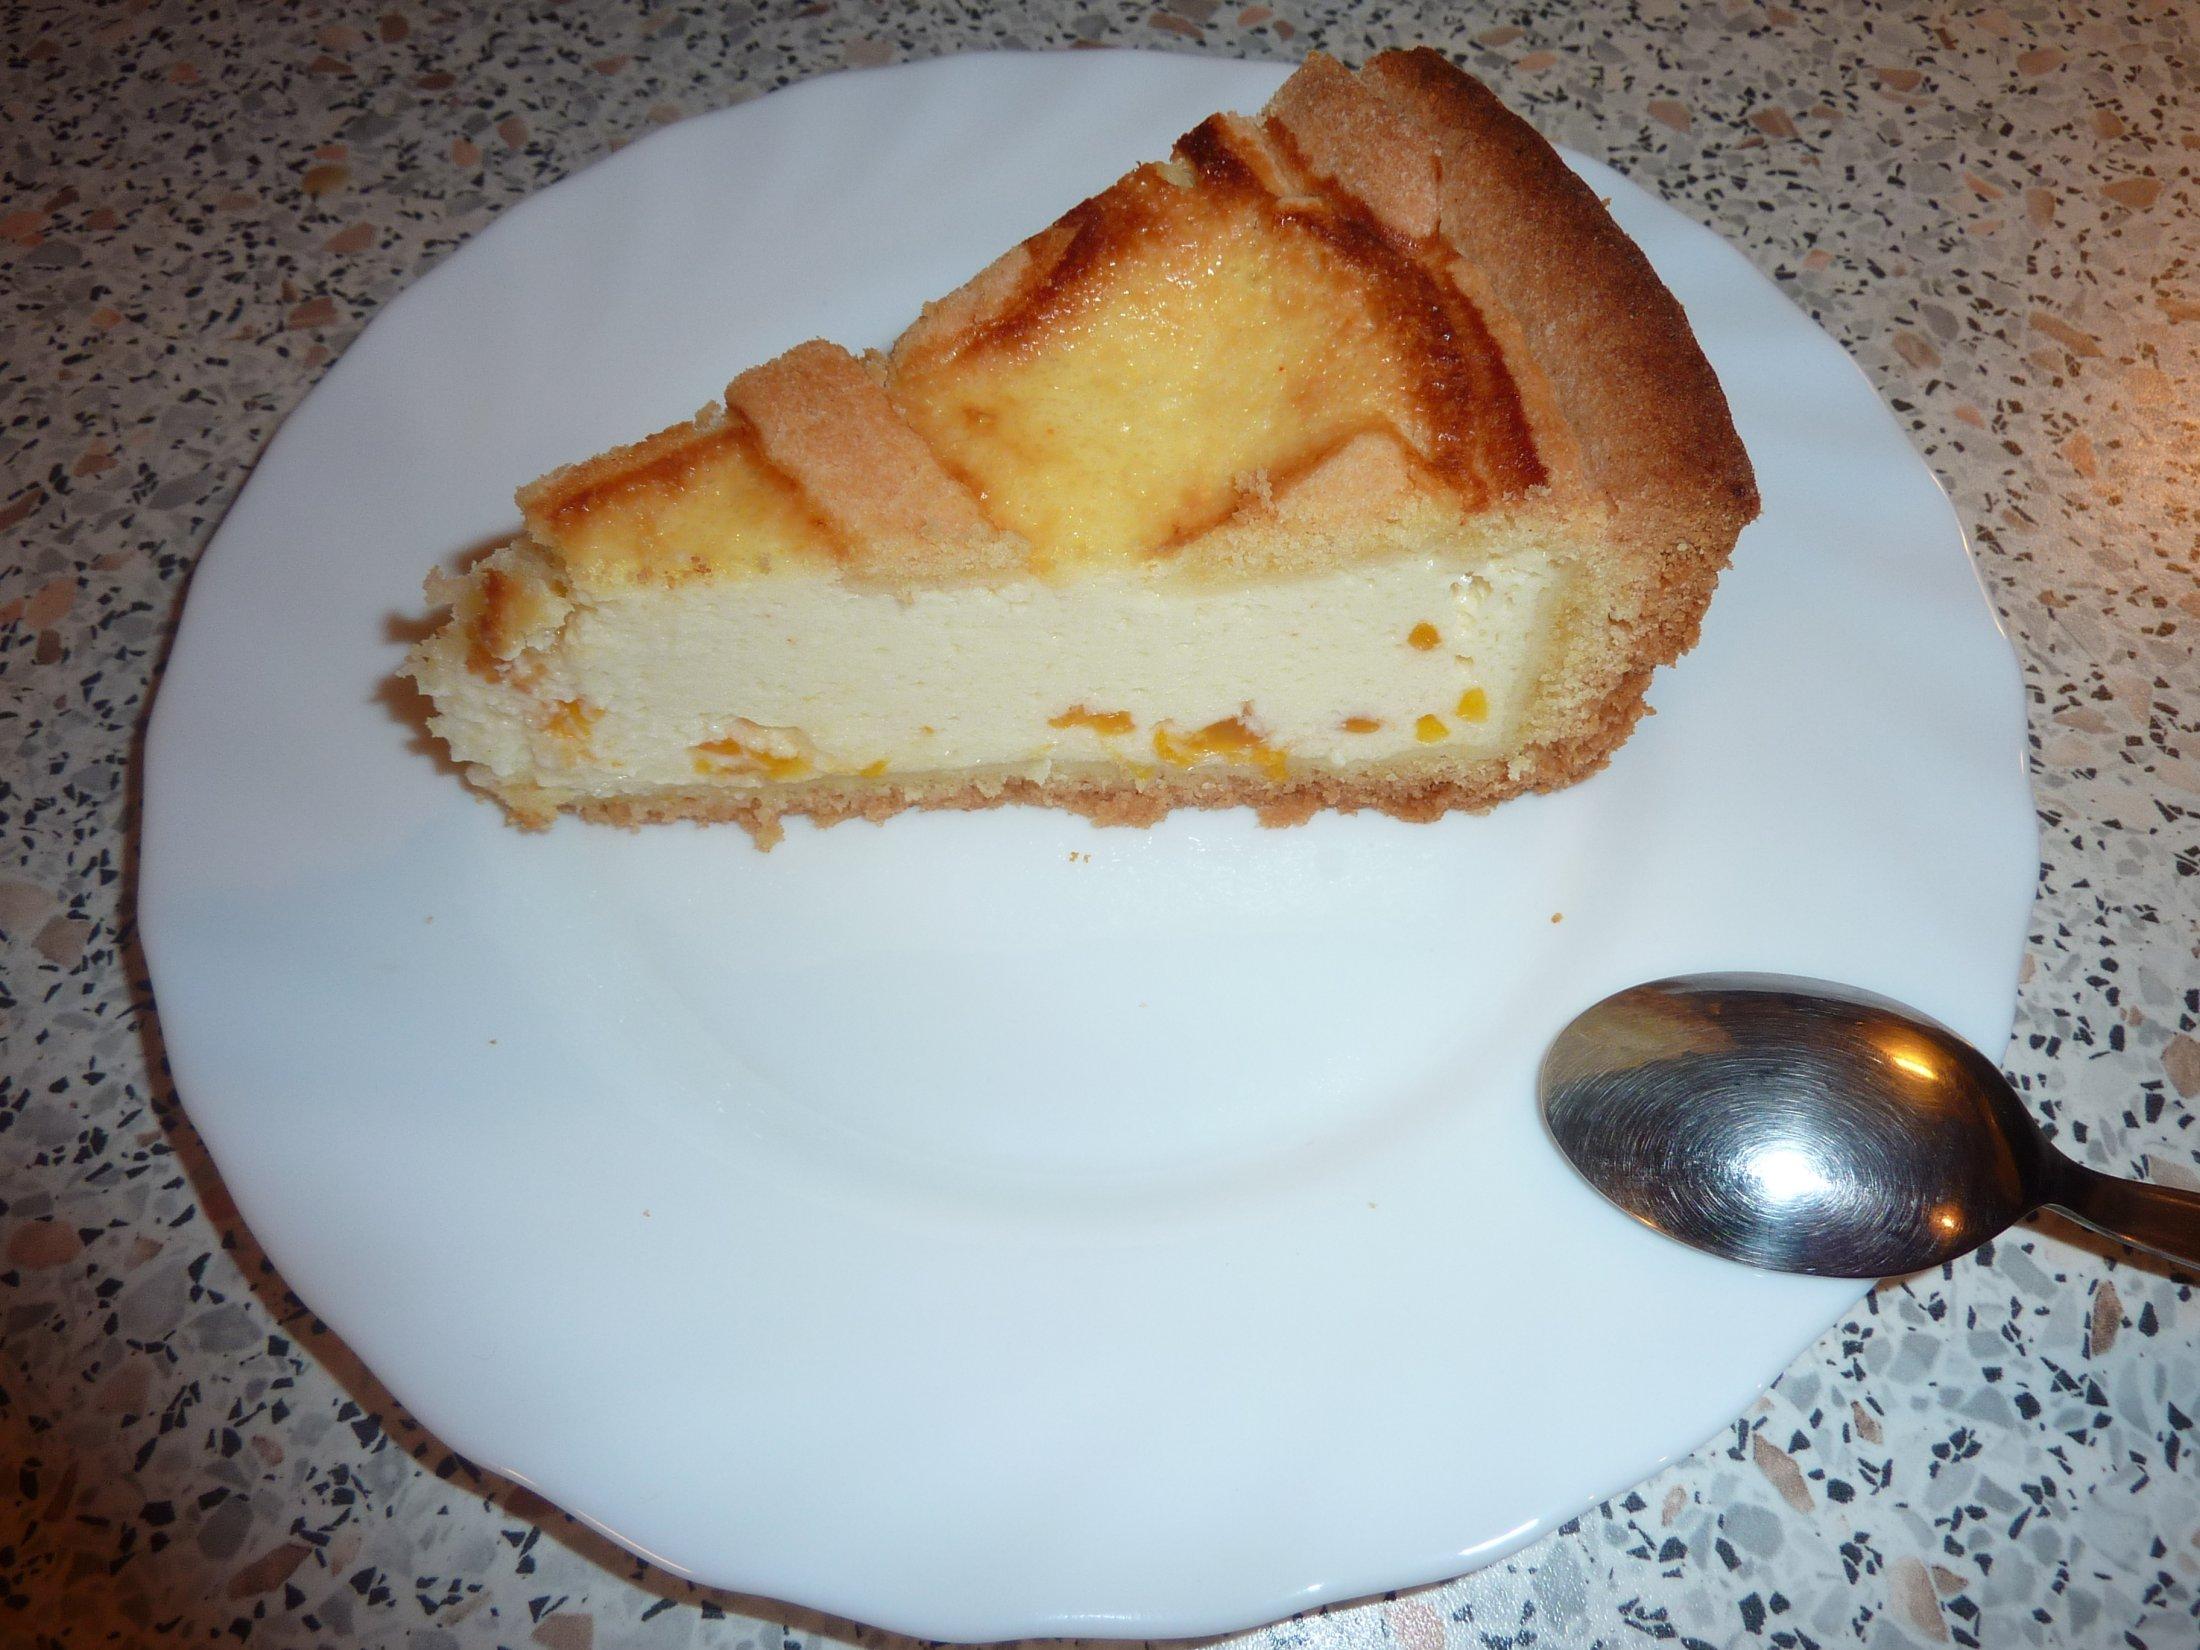 Recept Tvarohový koláč s broskví - Tvarohový koláč s broskví.